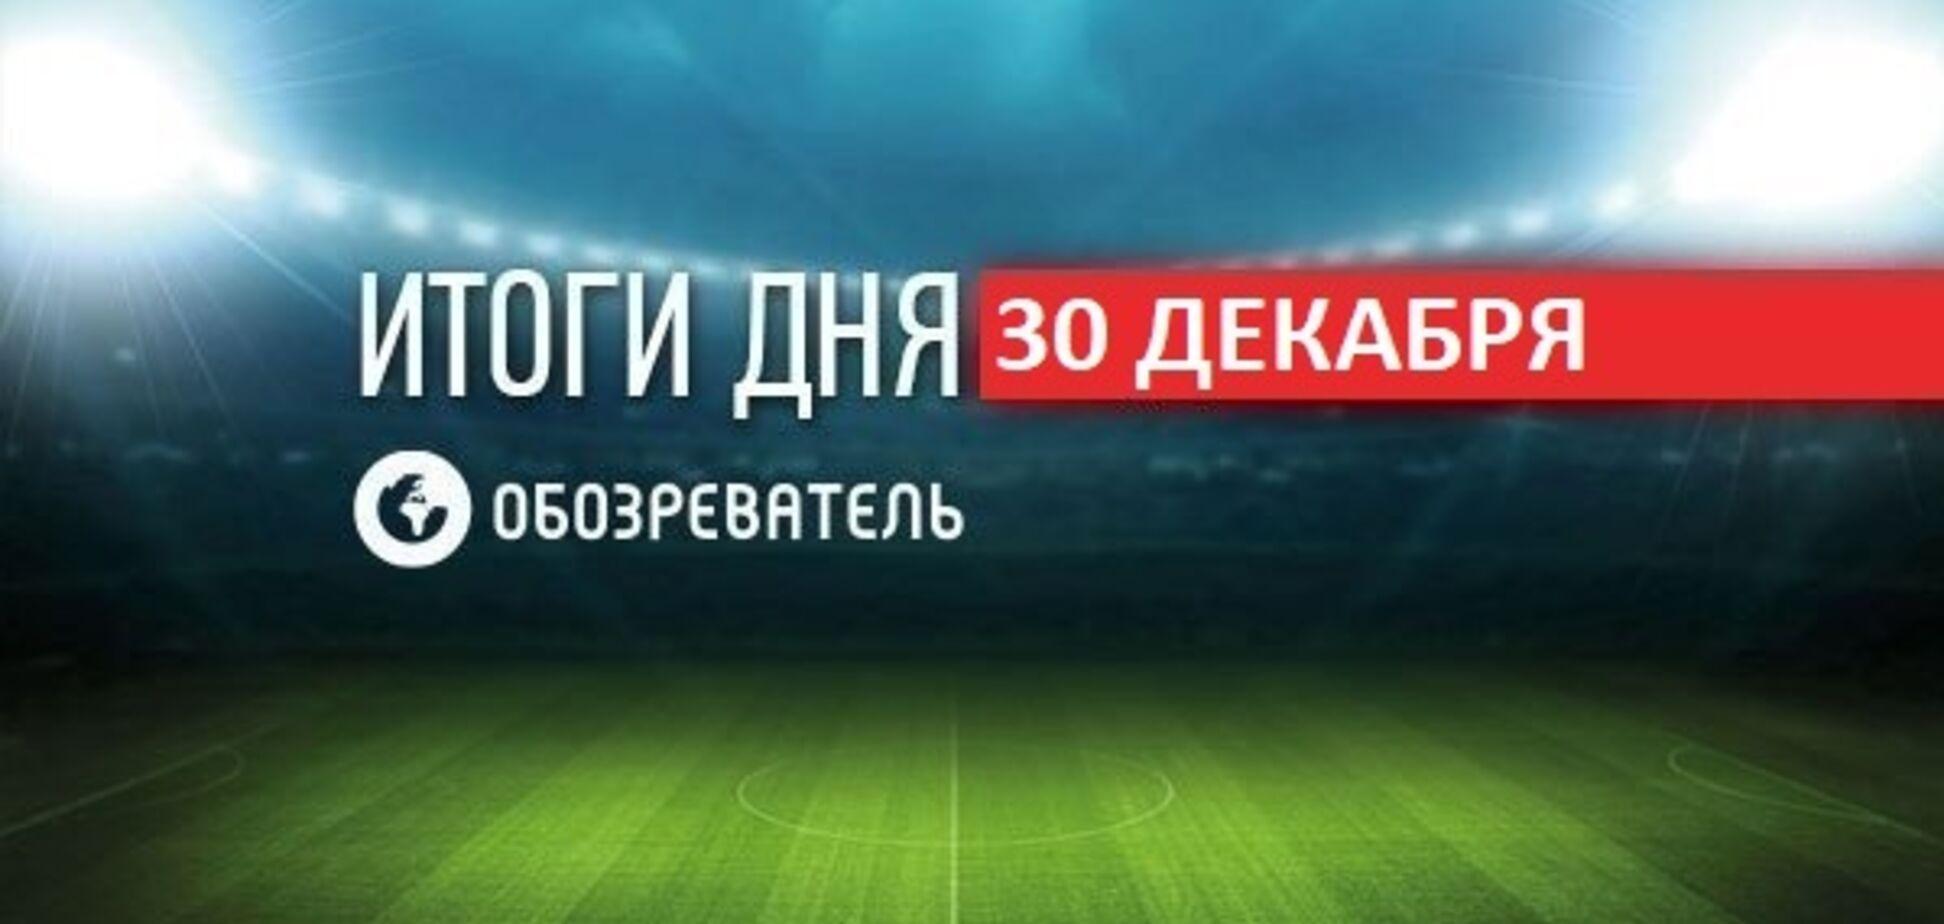 В Москве погиб чемпион Европы по мини-футболу Кирилл Погорелов: спортивные итоги 30 декабря